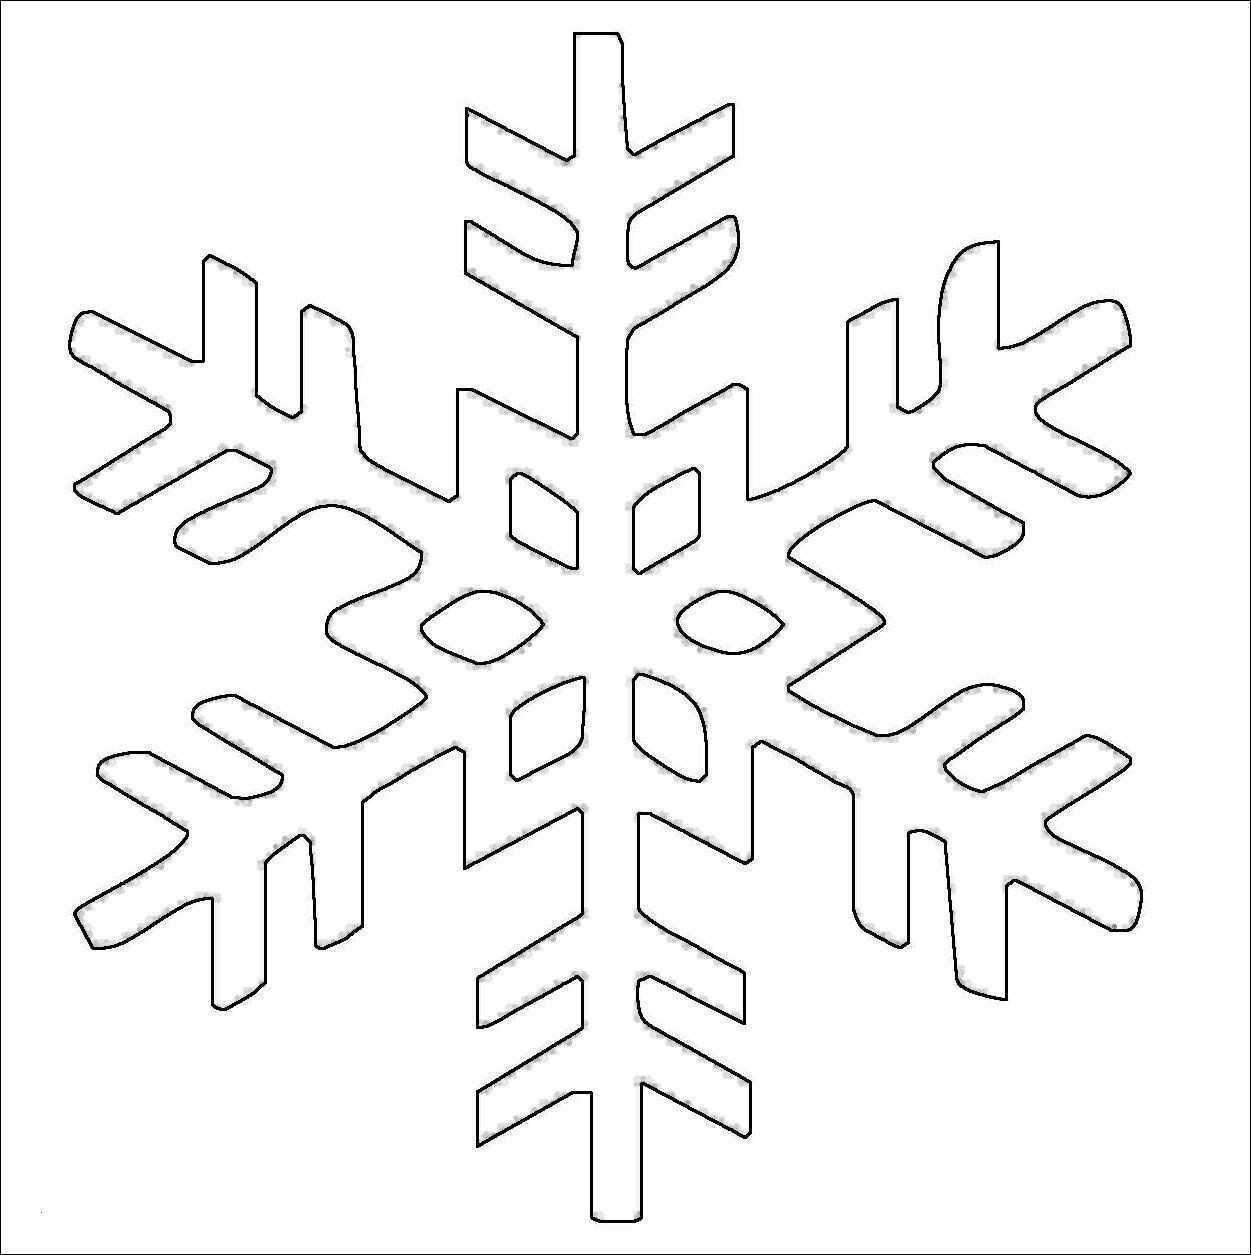 Ausmalbilder Weihnachten Schneeflocke Genial Window Color Vorlagen Weihnachten Schneeflocke Ideen Ausmalbild Bilder